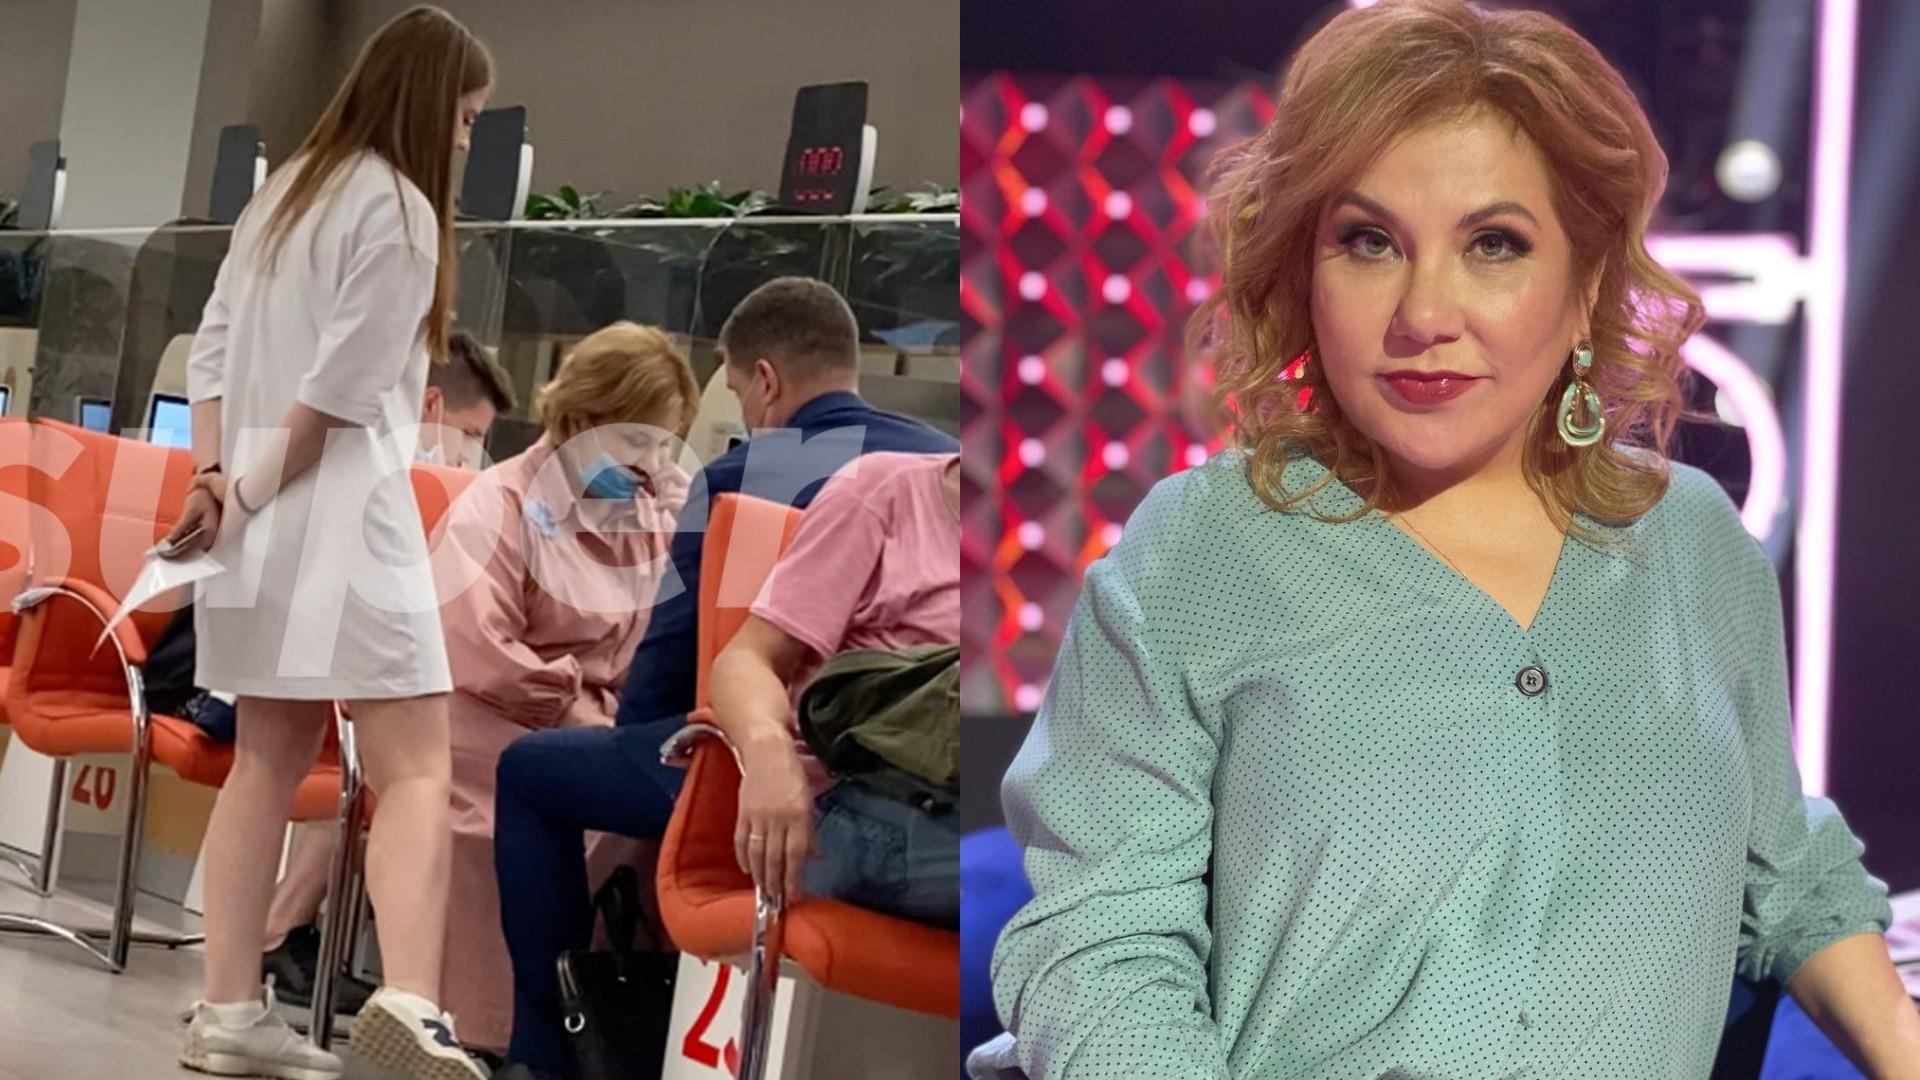 Марина Федункив тайно вышла замуж за красавчика-итальянца, несмотря на то что он младше её на 12 лет